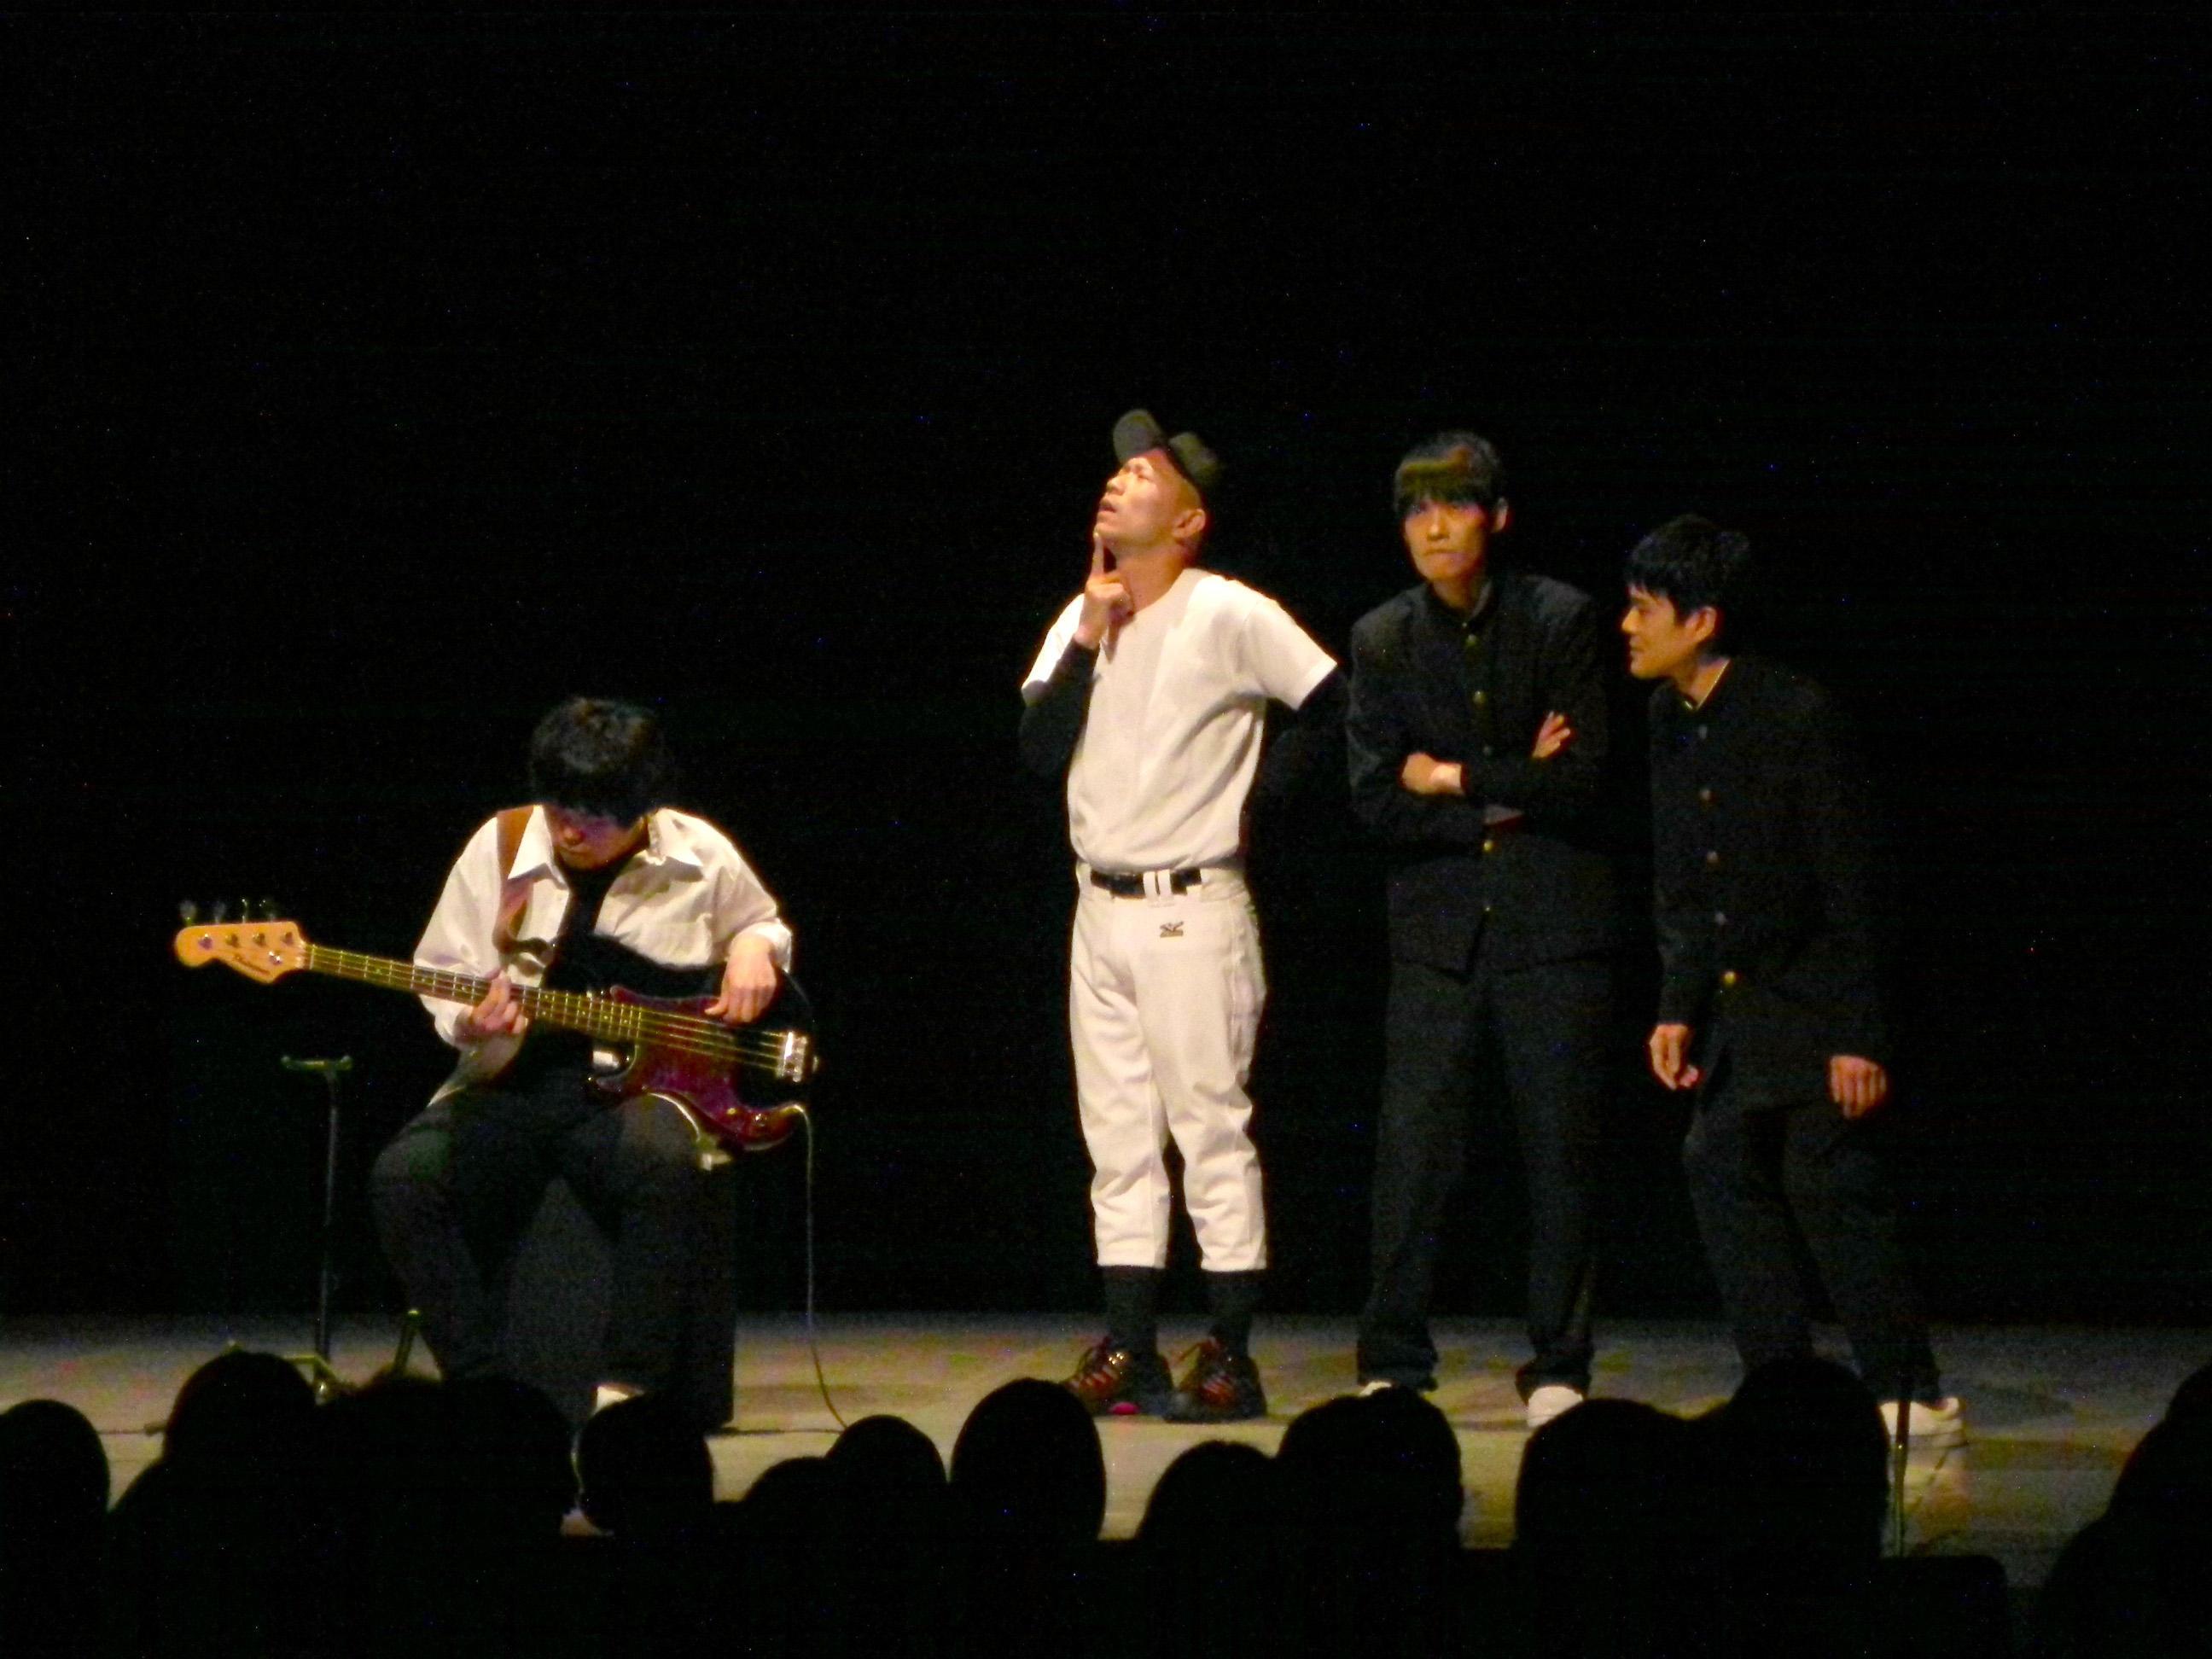 http://news.yoshimoto.co.jp/20170421205812-4a7351e25458bf81e28e5ed312153a1743aca0b5.jpg